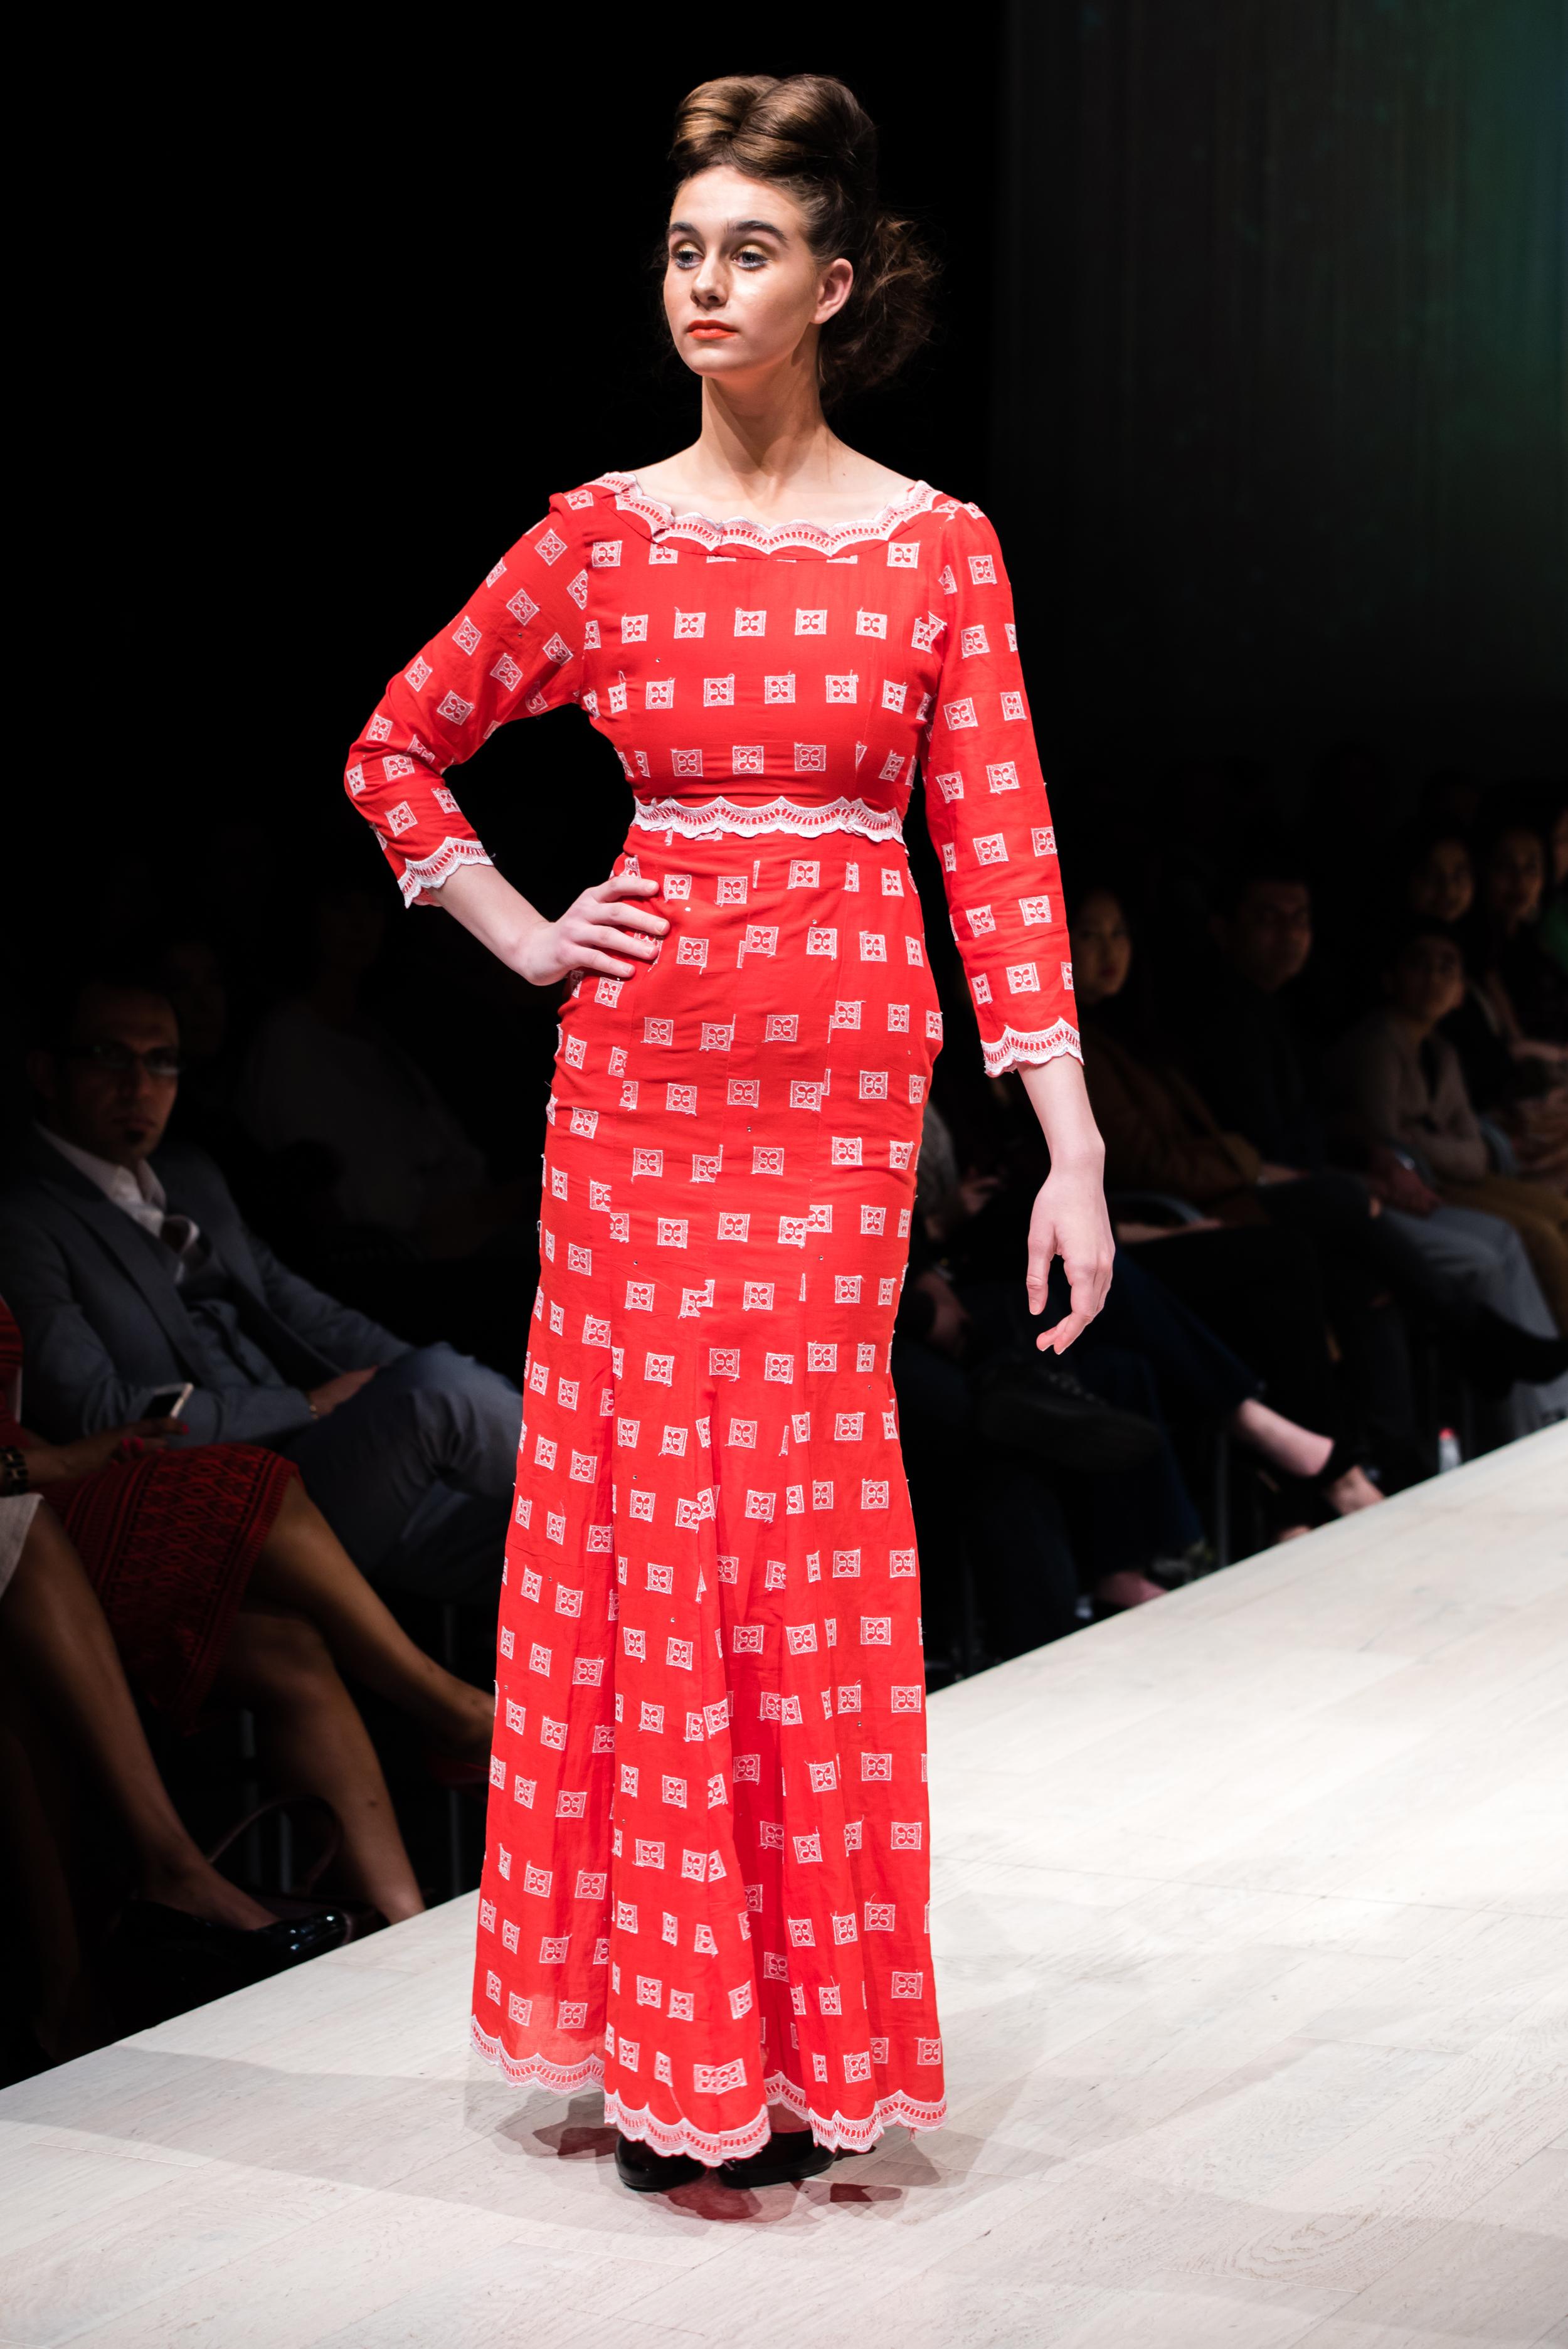 Sher Khan Niazi-WCFW-Ounkara Couturier-4320.jpg